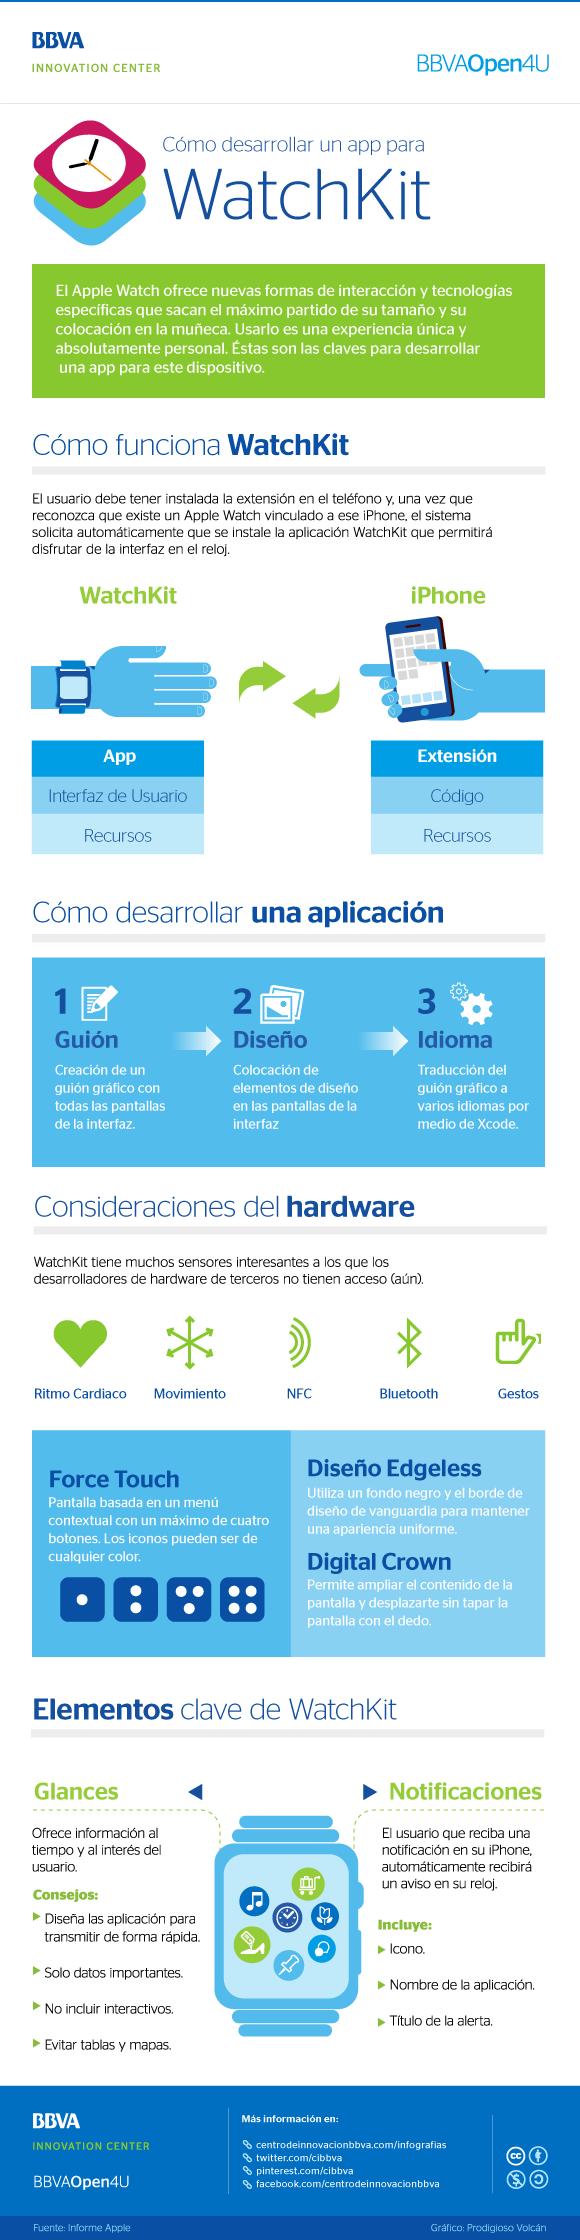 Infografía: cómo desarrollar una app con Apple WatchKit